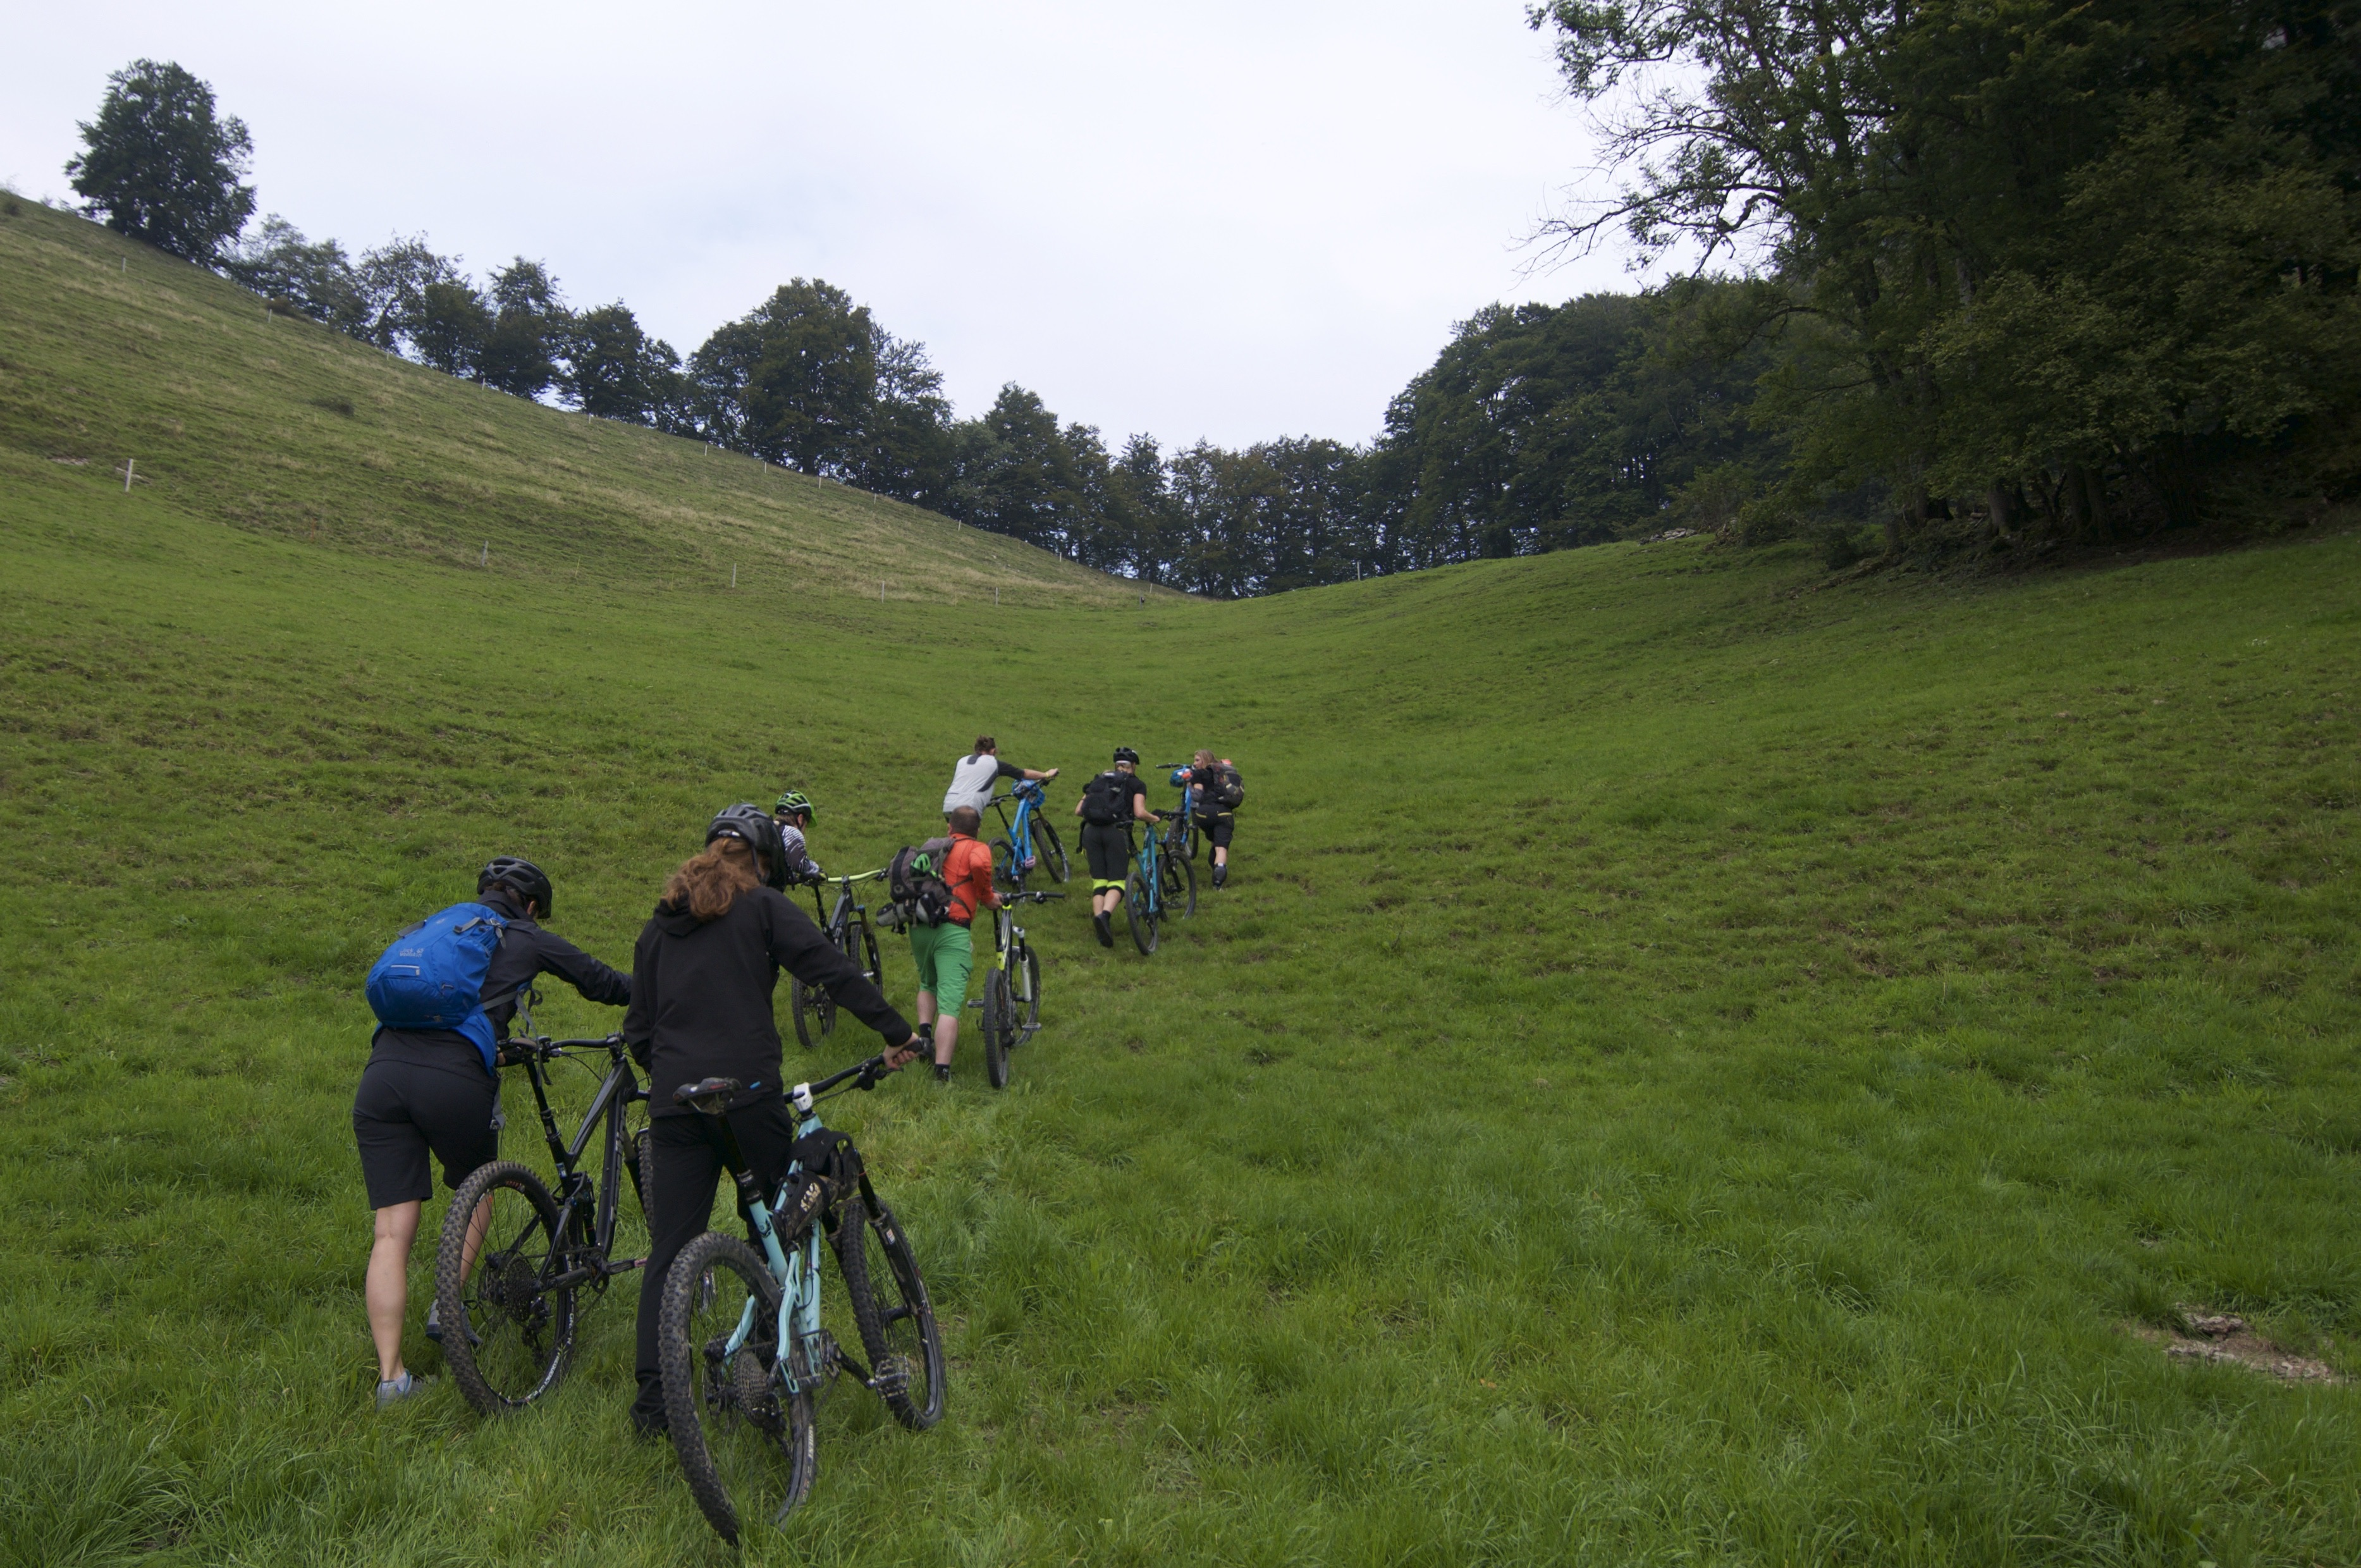 bike fest 2015 summerbreak